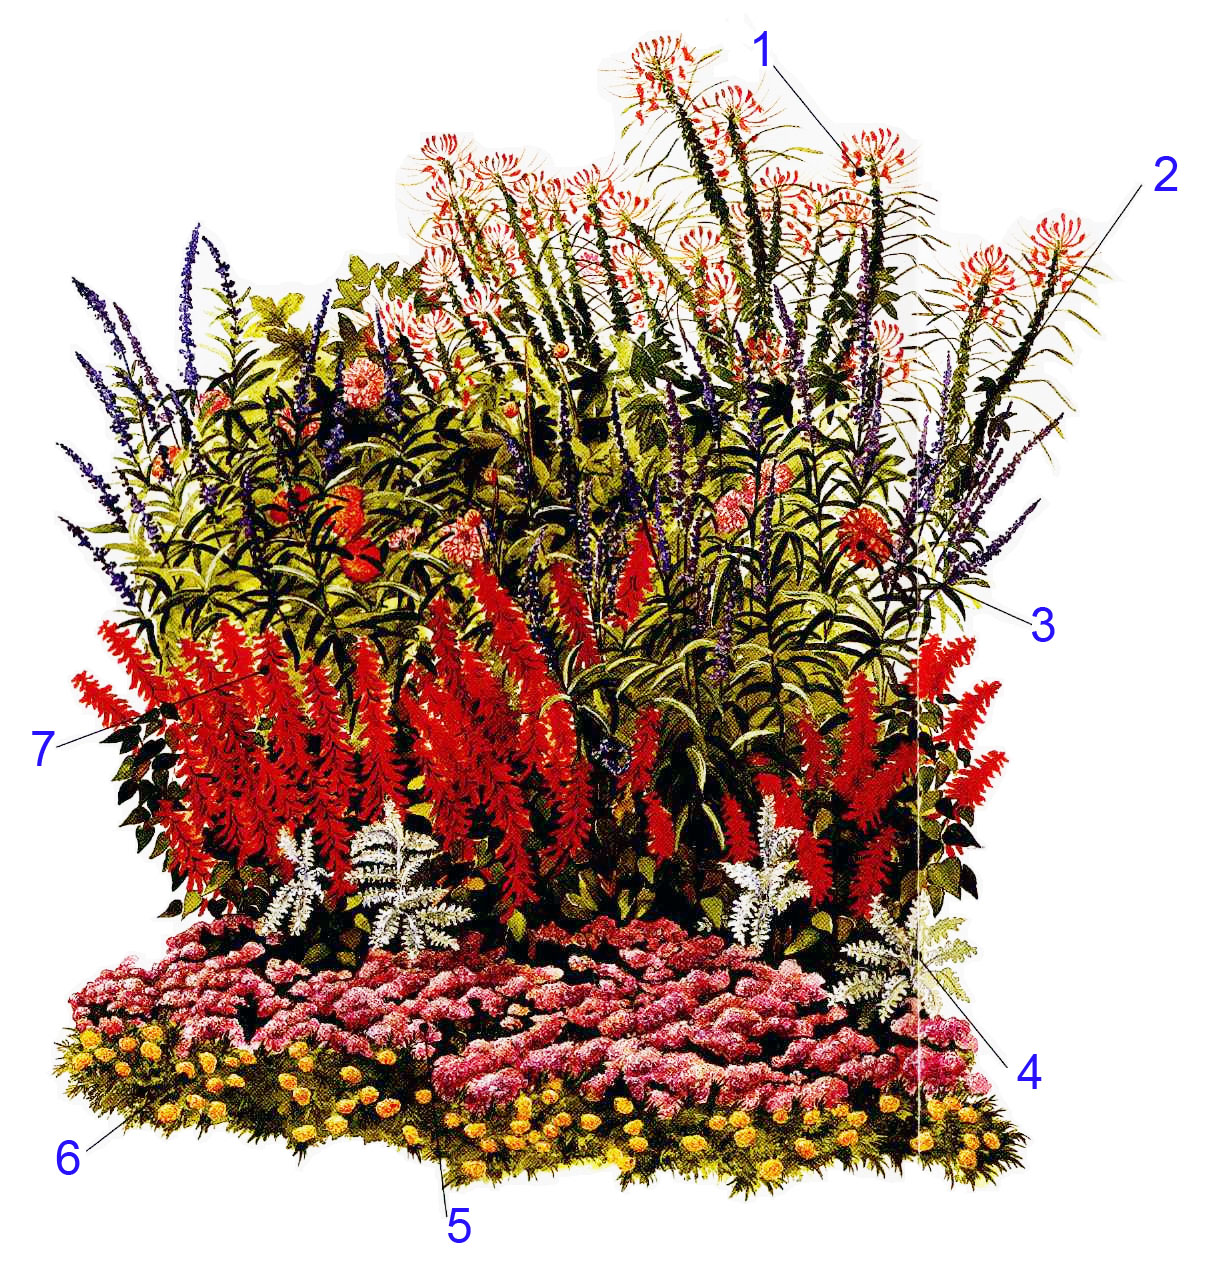 Брызги шампанского цветок садовый фото